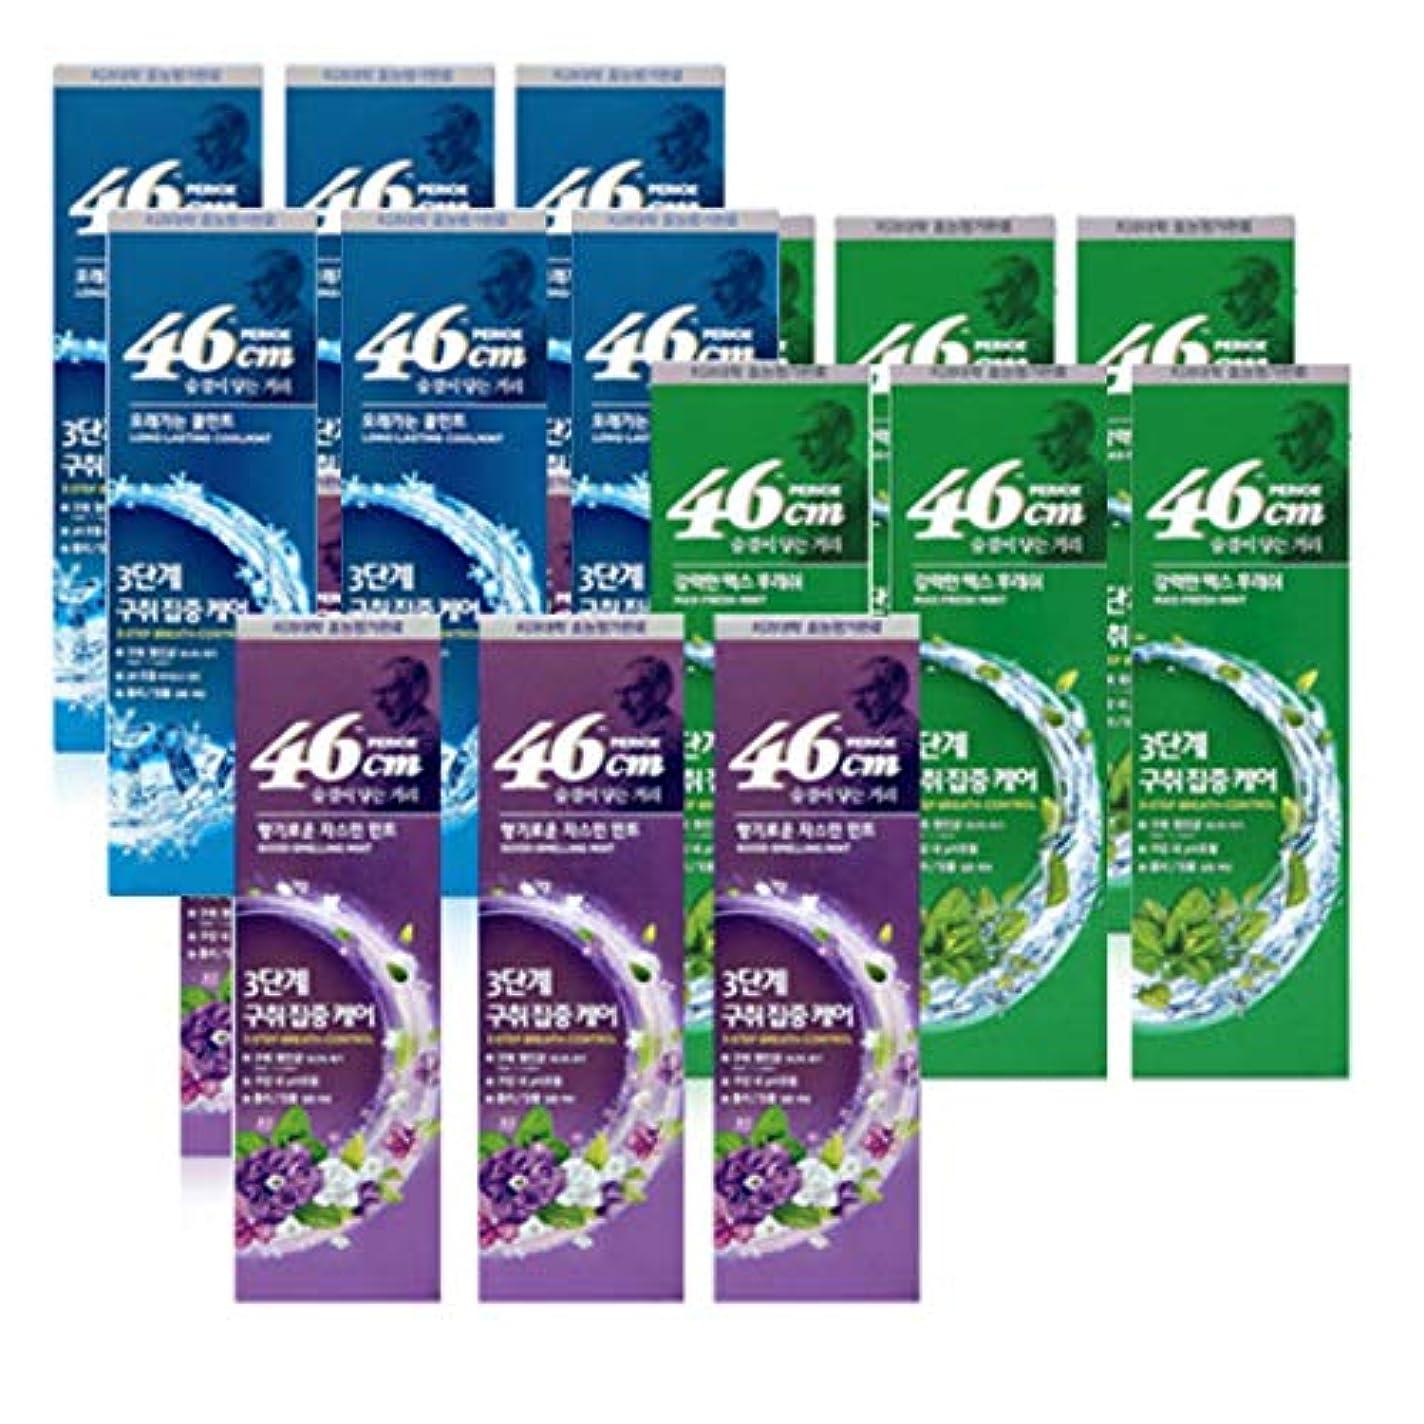 符号衝撃コミットメント[LG HnB] Perio 46cm toothpaste / ペリオ46cm歯磨き粉 100gx18個(海外直送品)